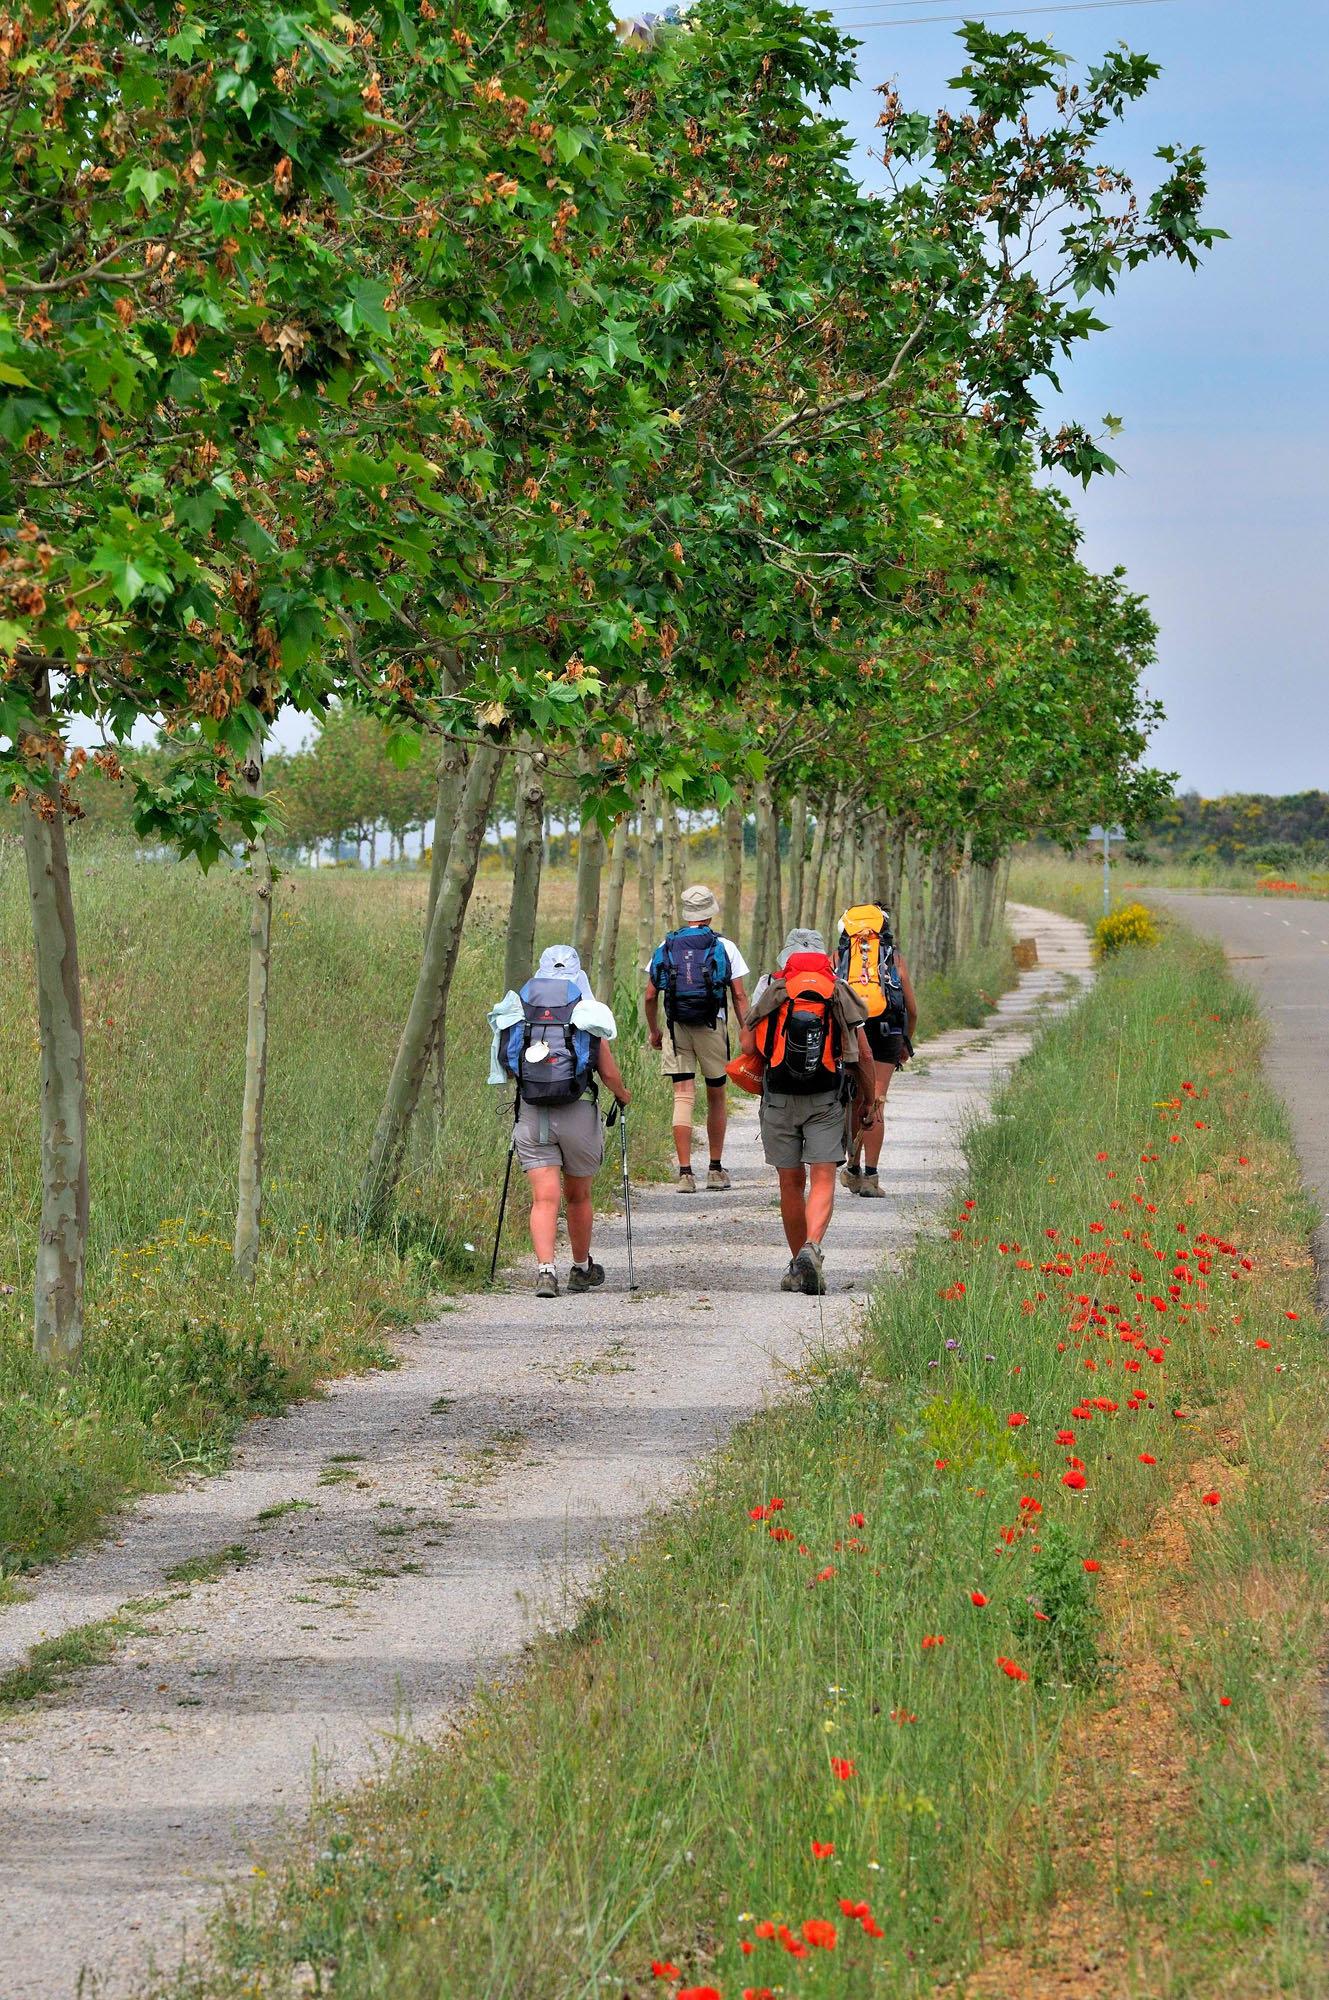 Le chemin près de Sahagun, Castille